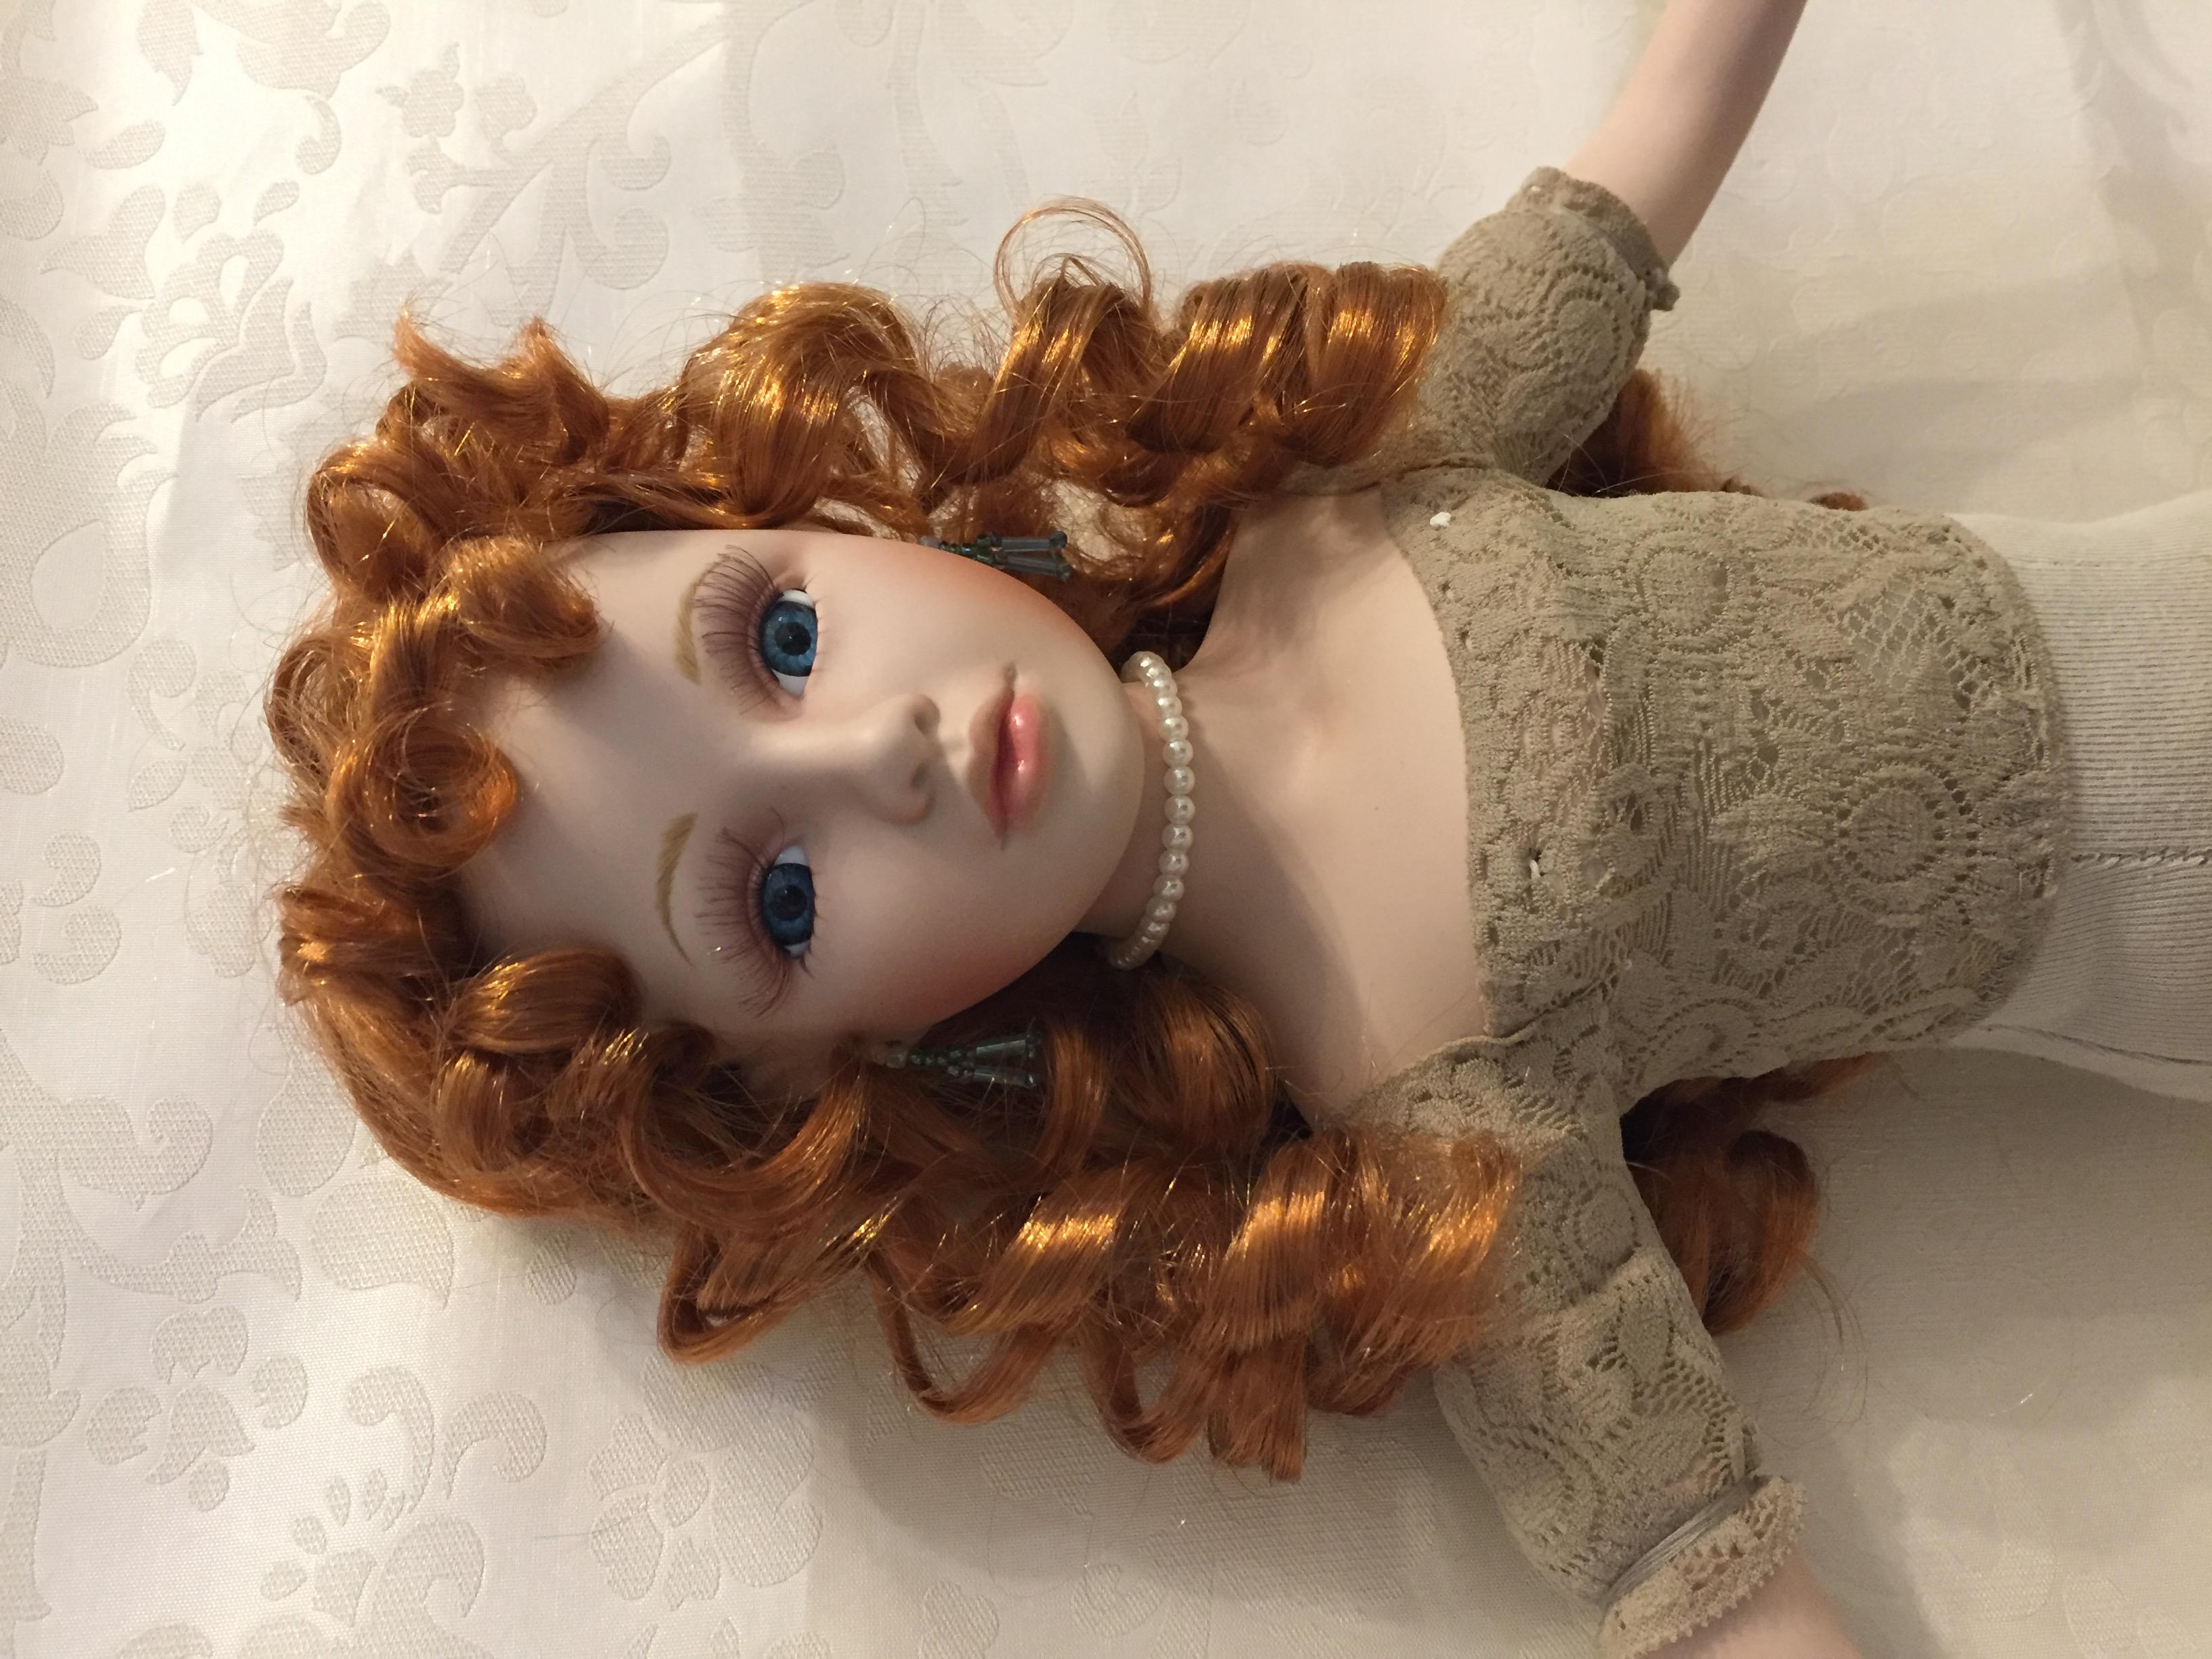 Коллекционная кукла своими руками. Фото №2